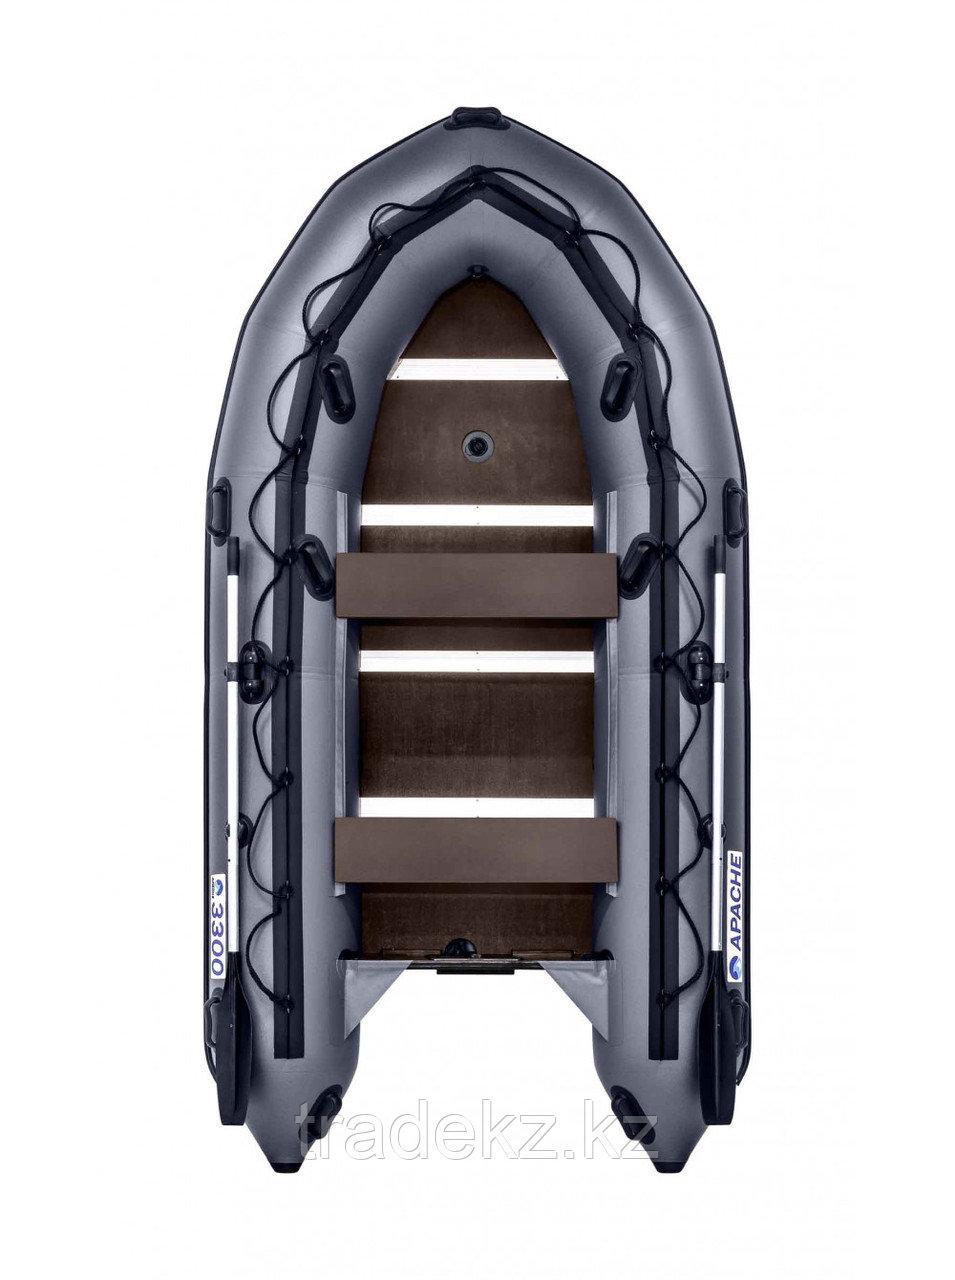 Лодка под мотор ПВХ Apache 3300 СК графит